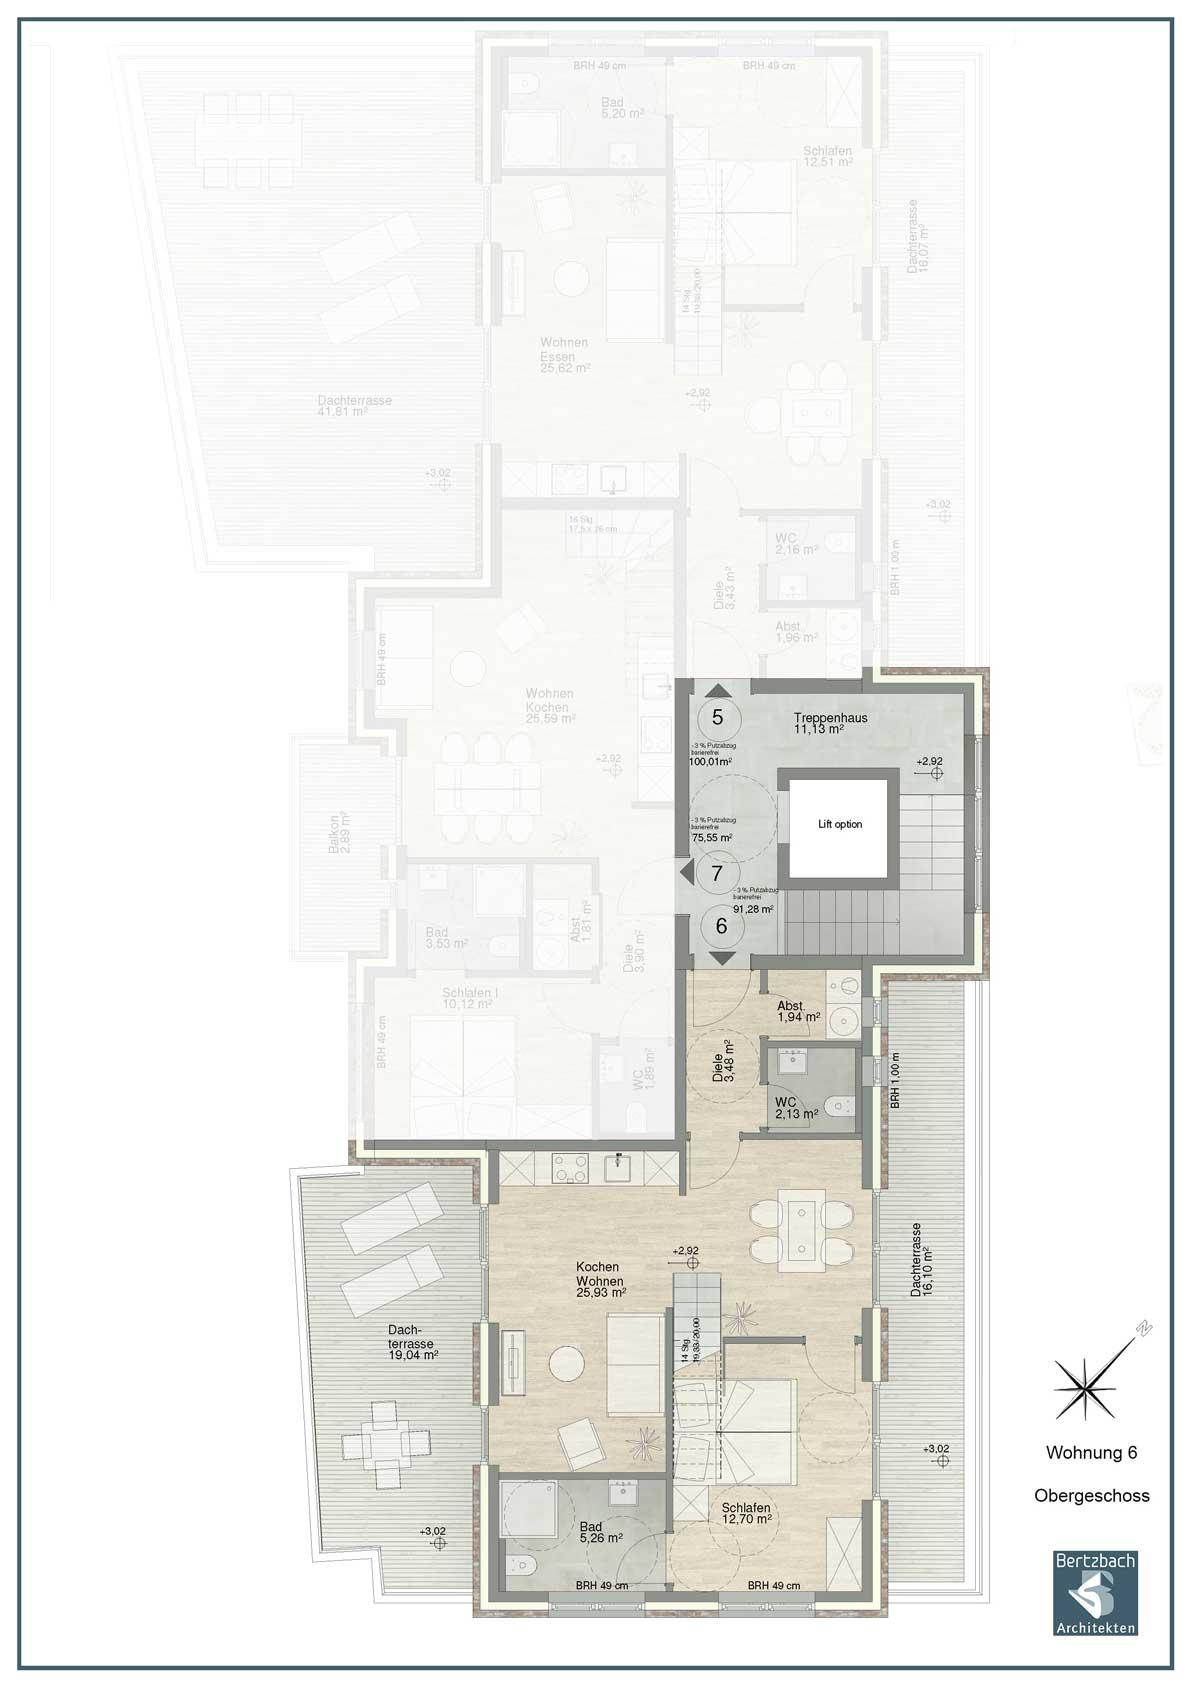 Wohnung 6 Obergeschoss